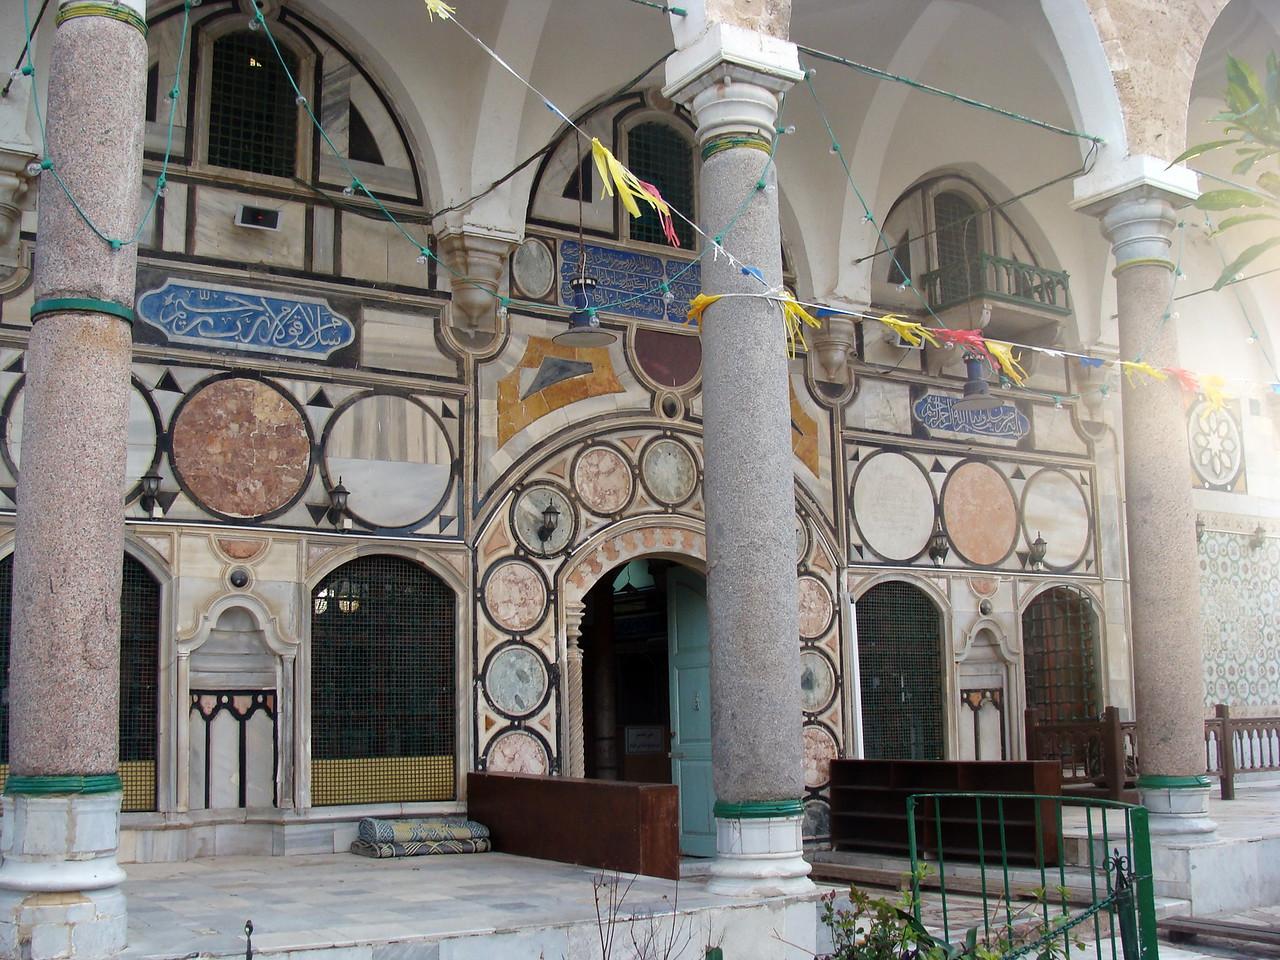 Al-Jazzar Mosque Entrance